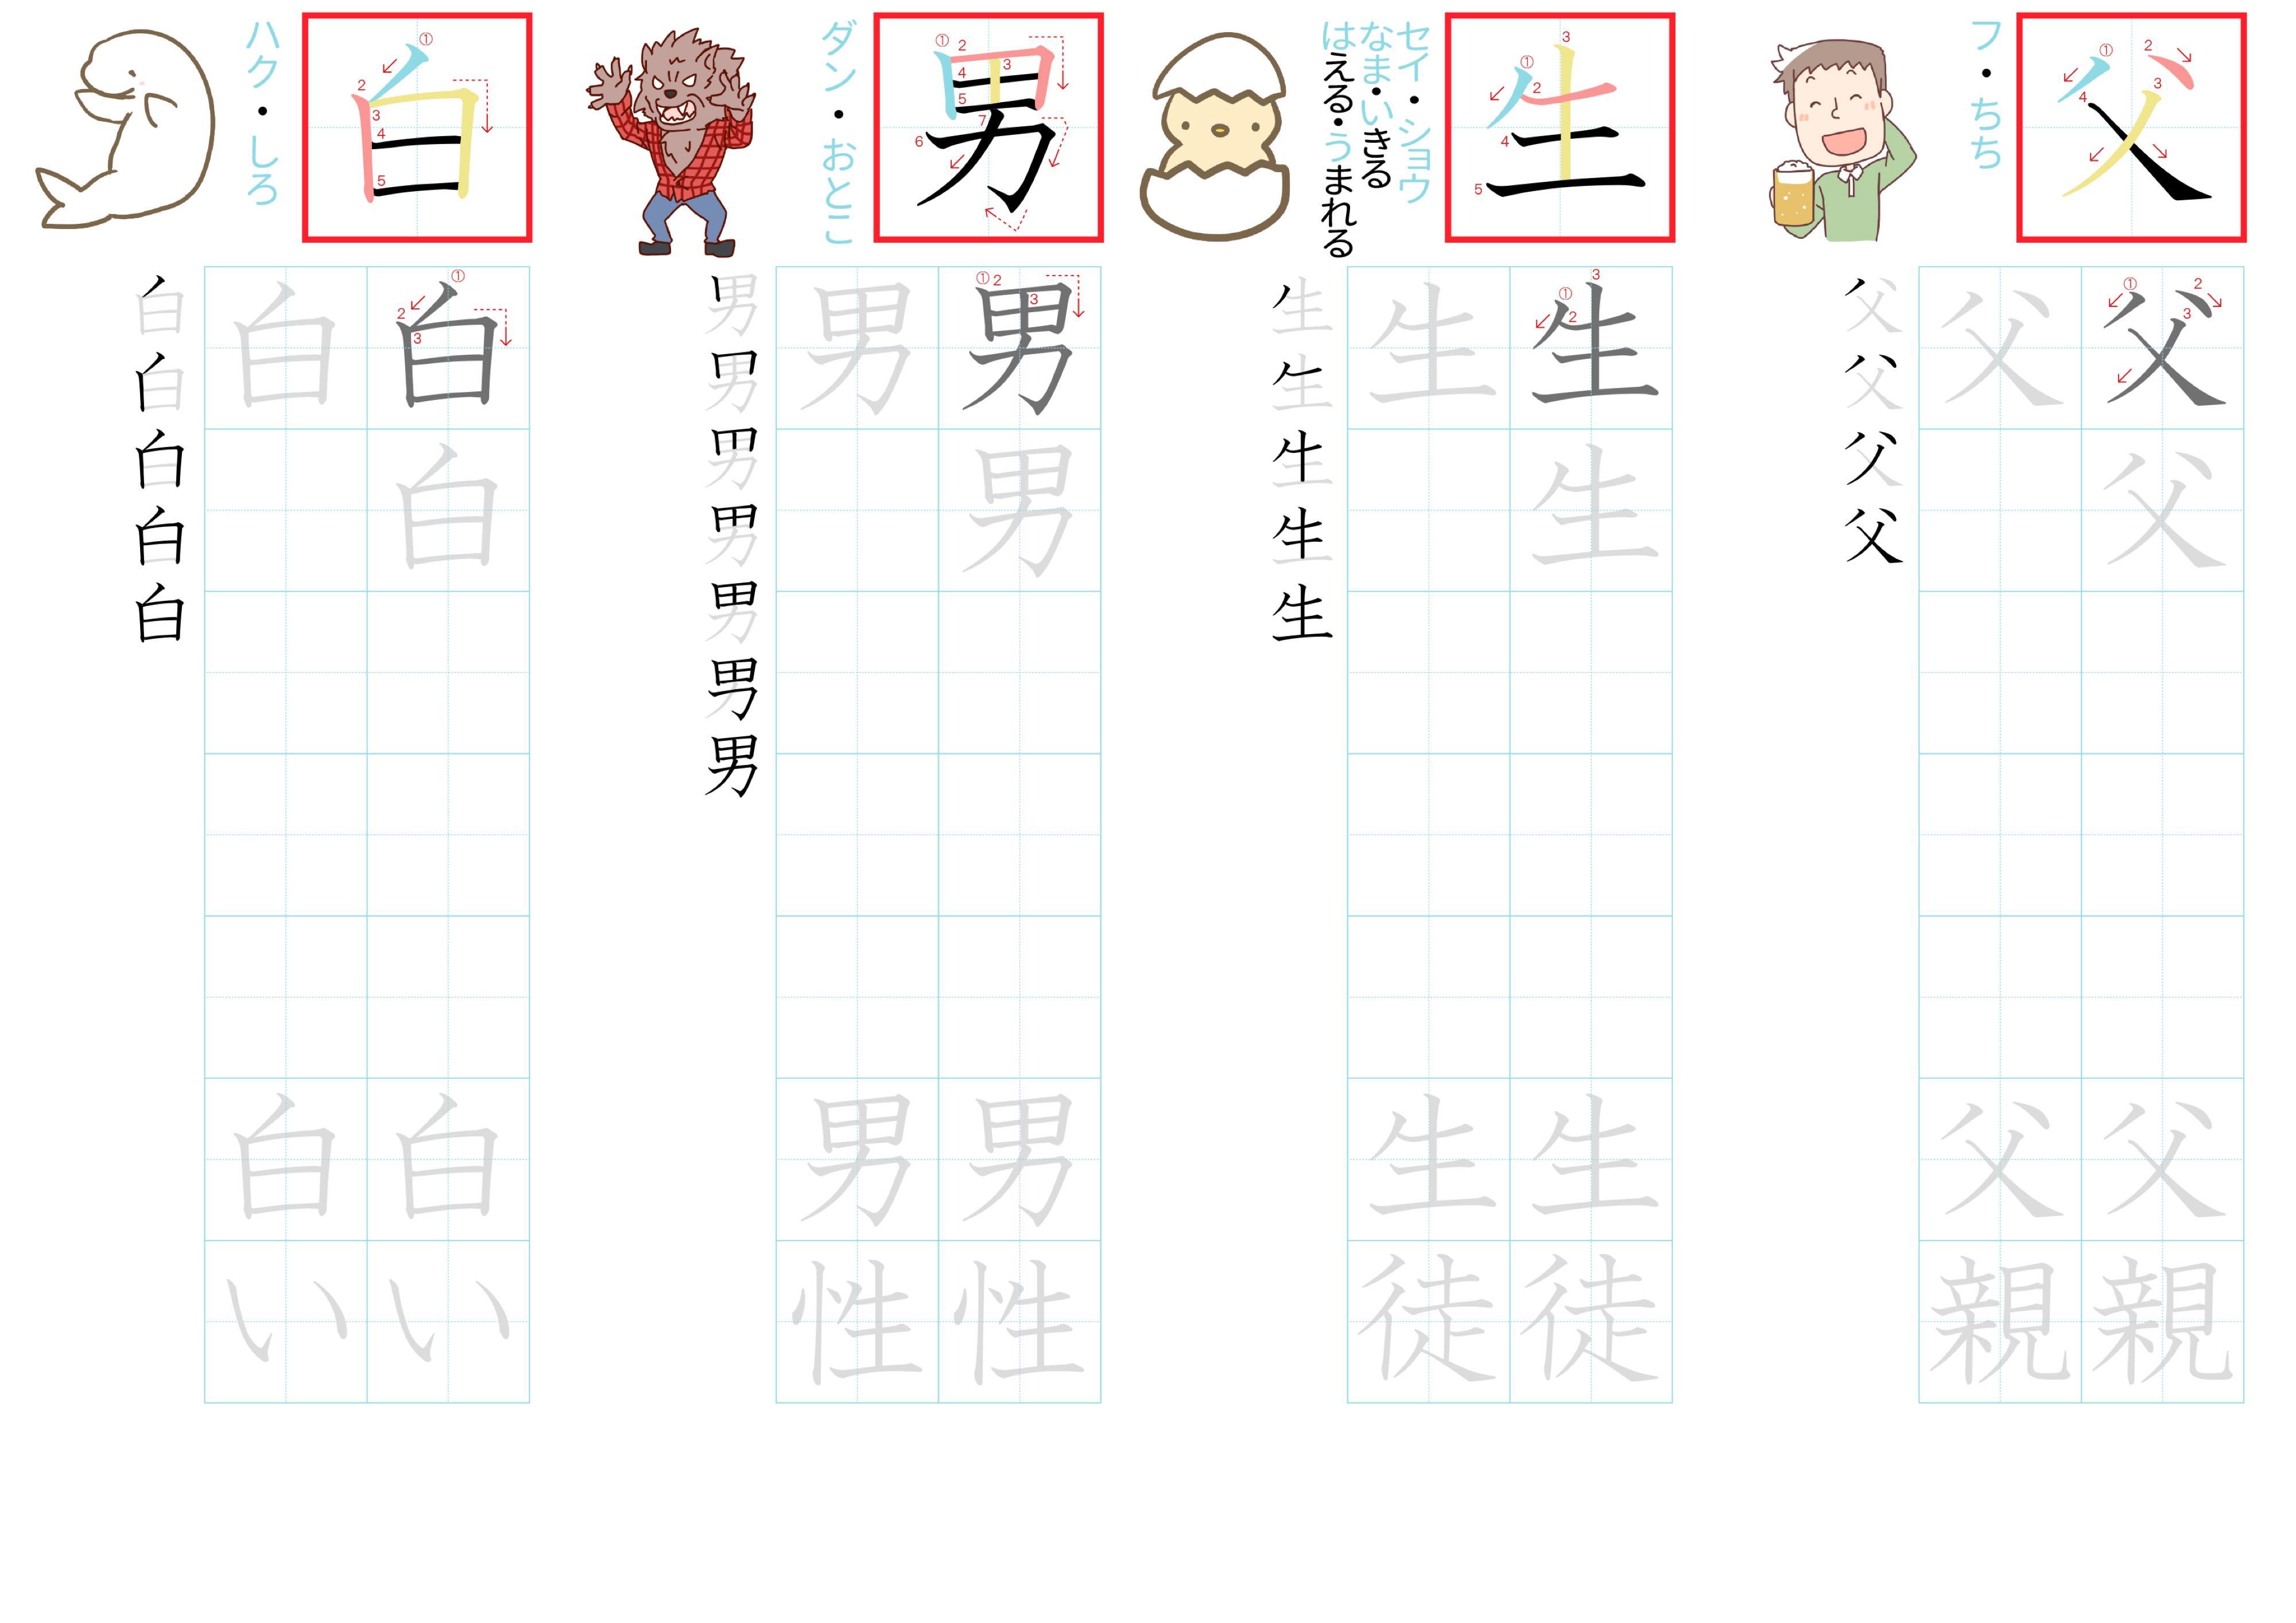 kanji-practice-card-n5-japanese-016